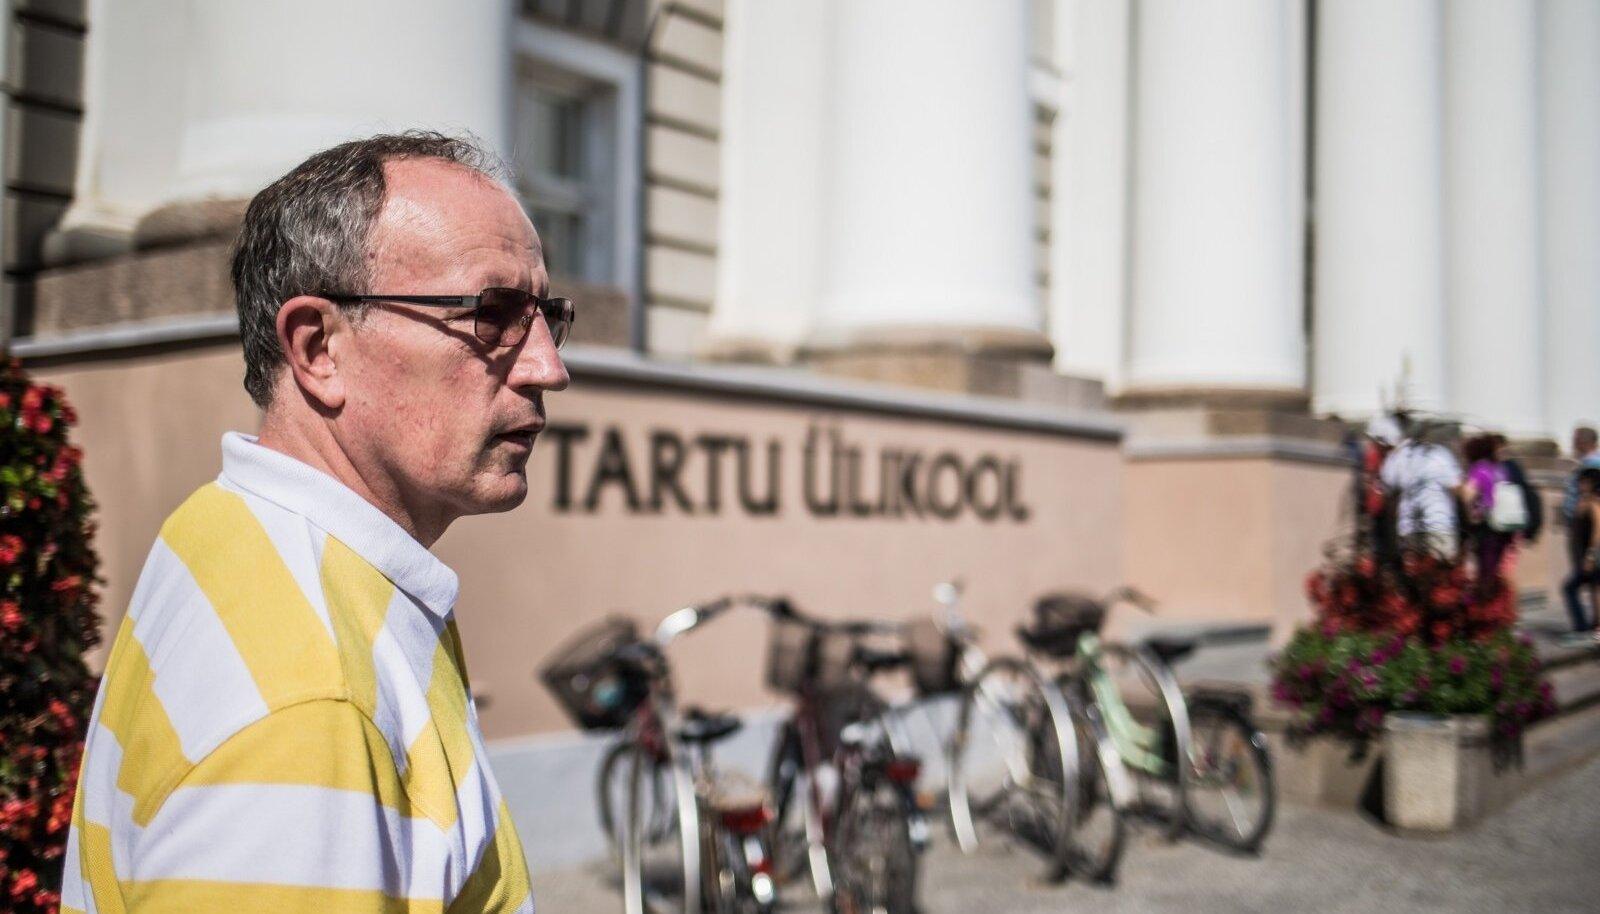 TÜ rektor Toomas Asserile uut ametiautot esimese hankega ei leitud. Siiski ei pea ta seni jalgrattaga väntama, tema käsutuses on 2011. aasta Volkswagen.